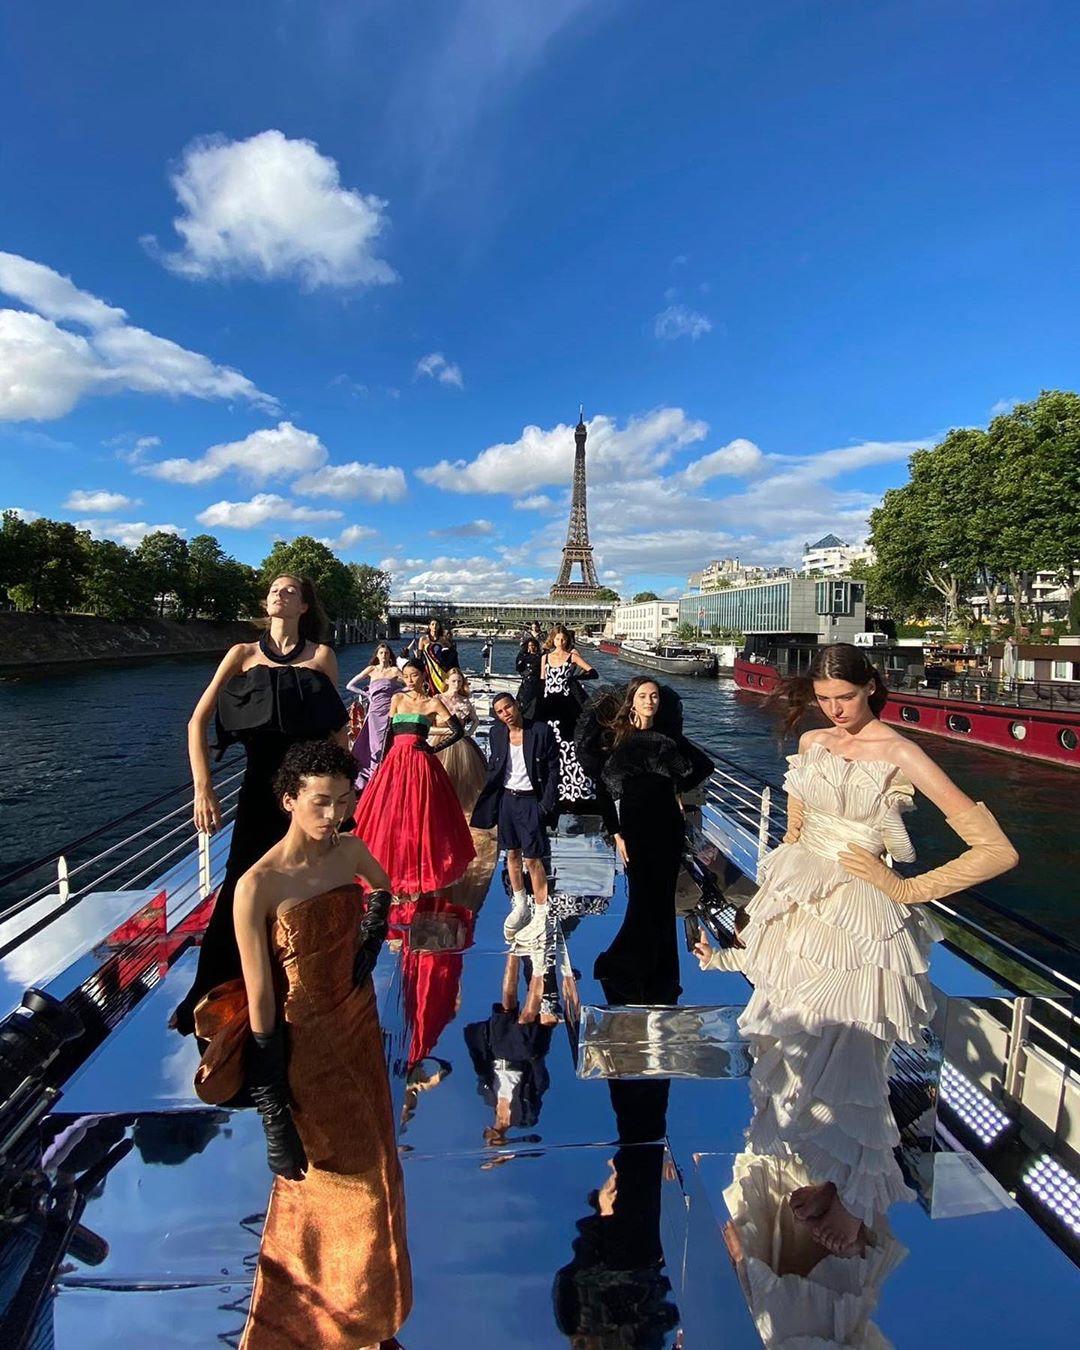 Ο οίκος Balmain παρουσίασε την Haute Couture collection του στις όχθες του Σηκουάνα